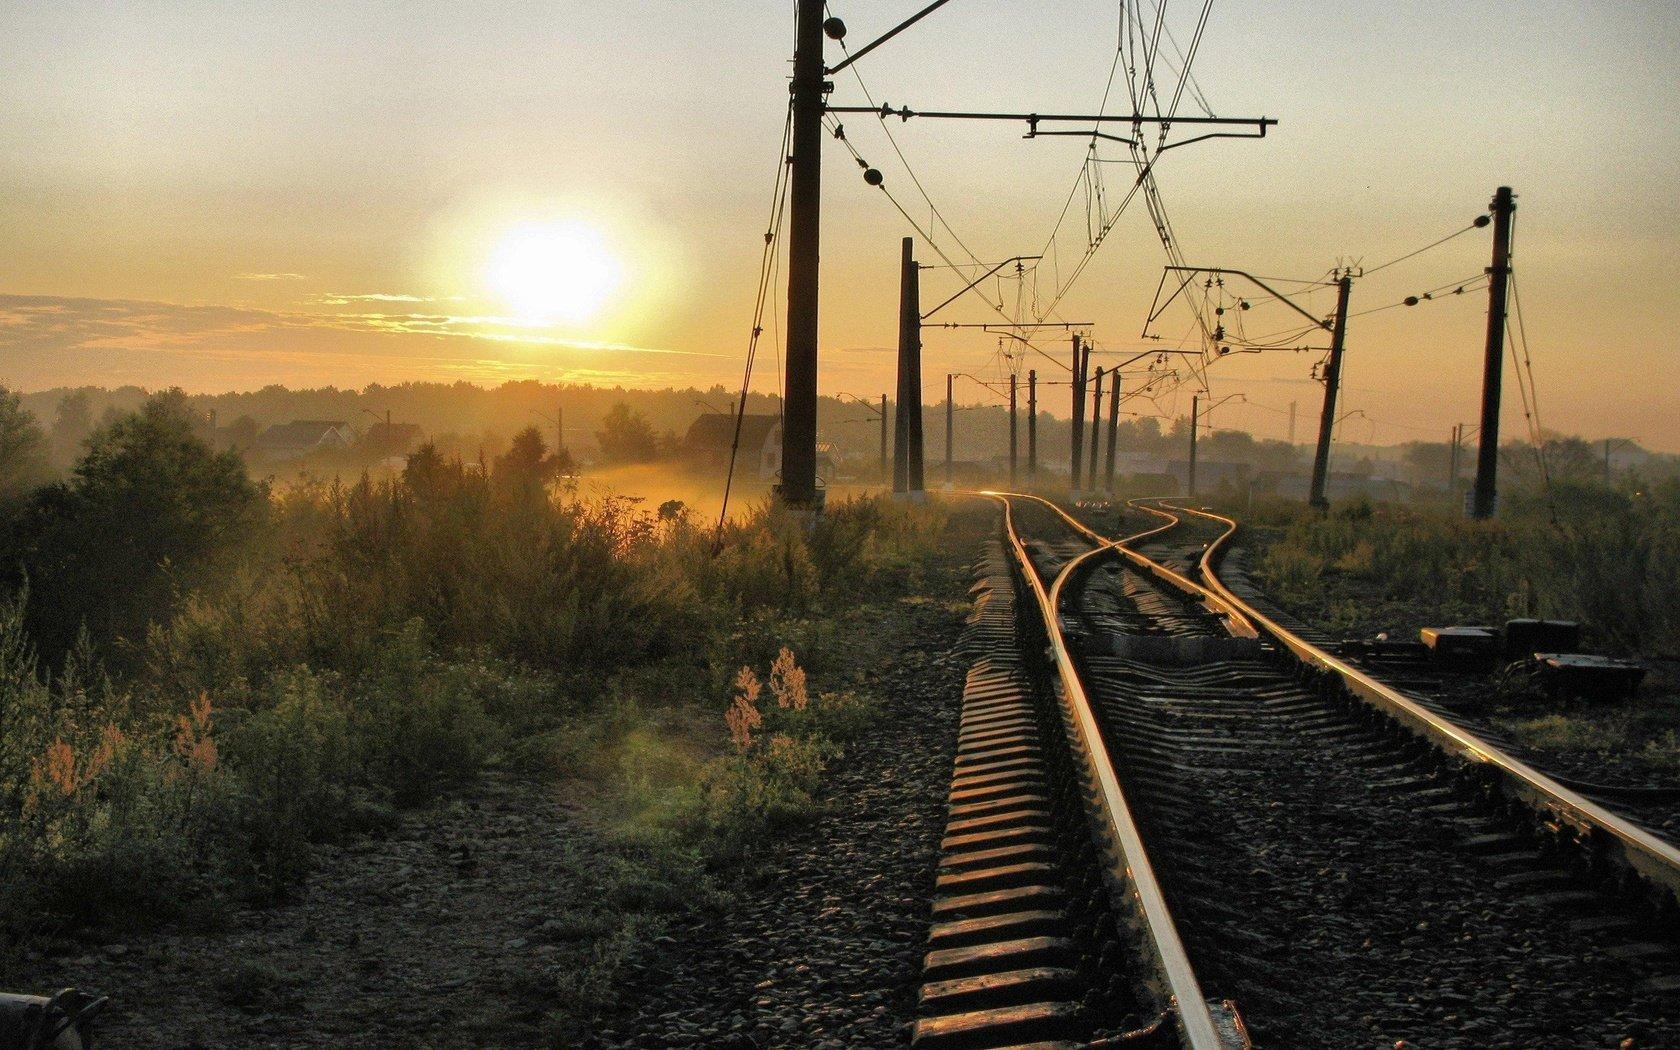 эндивия красивые картинки на железнодорожную тему готовой полбы изумителен